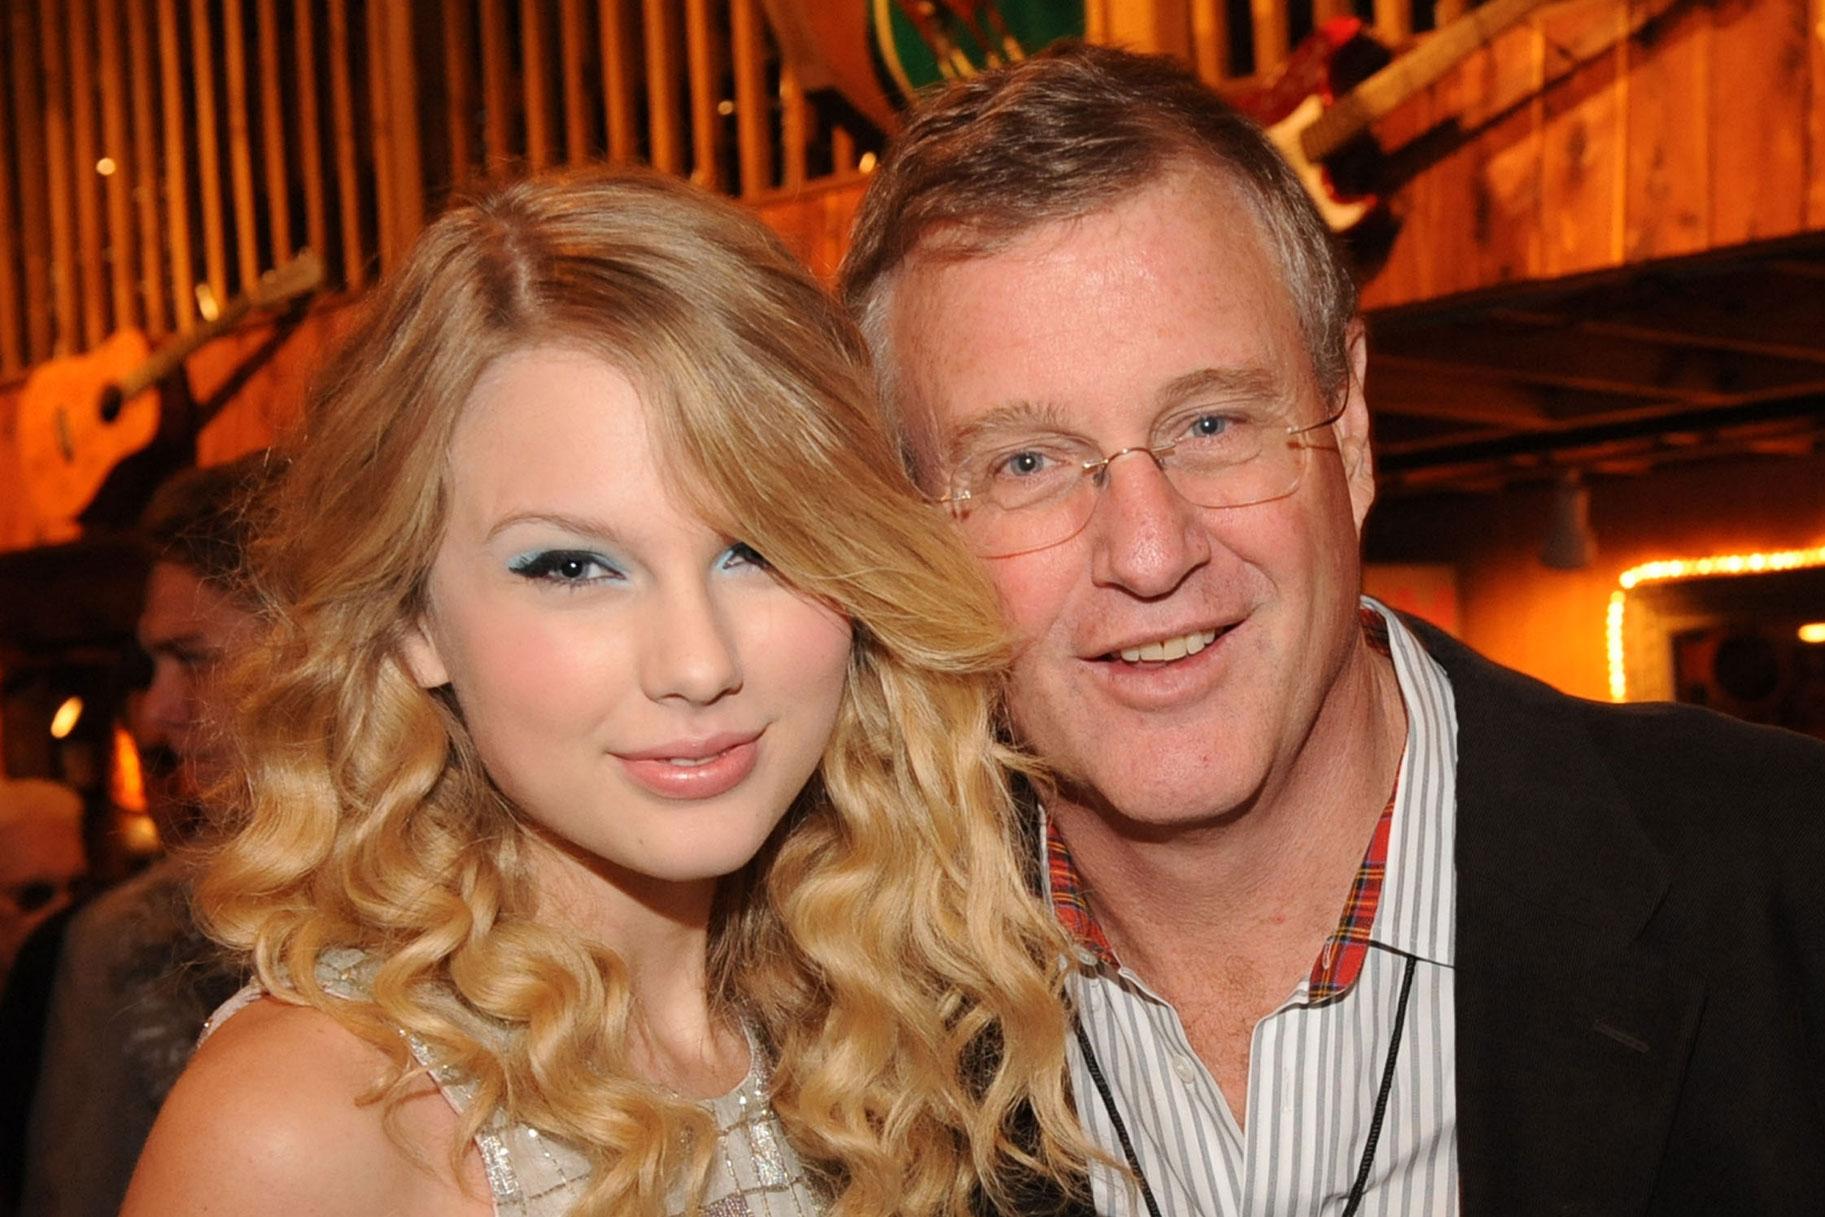 Taylor Swifti isa võitles väidetavalt mehega, keda süüdistati tema katusekorterisse sissemurdmises